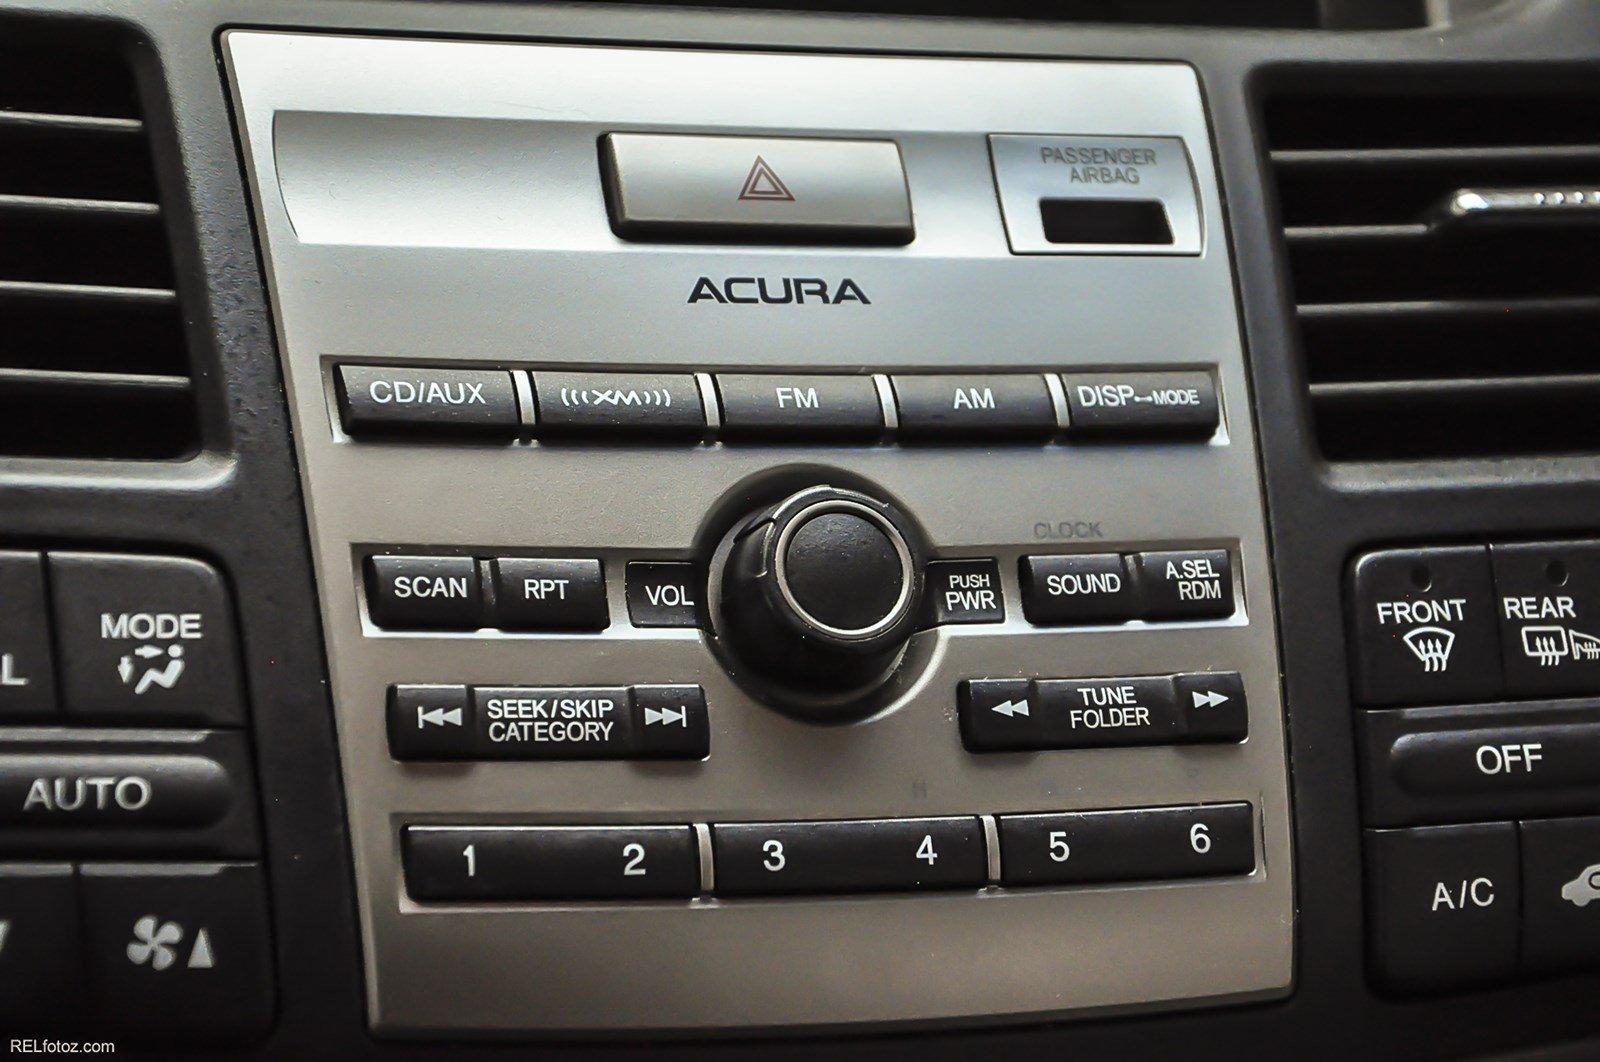 2011 Acura Rdx Stock 004907 For Sale Near Sandy Springs